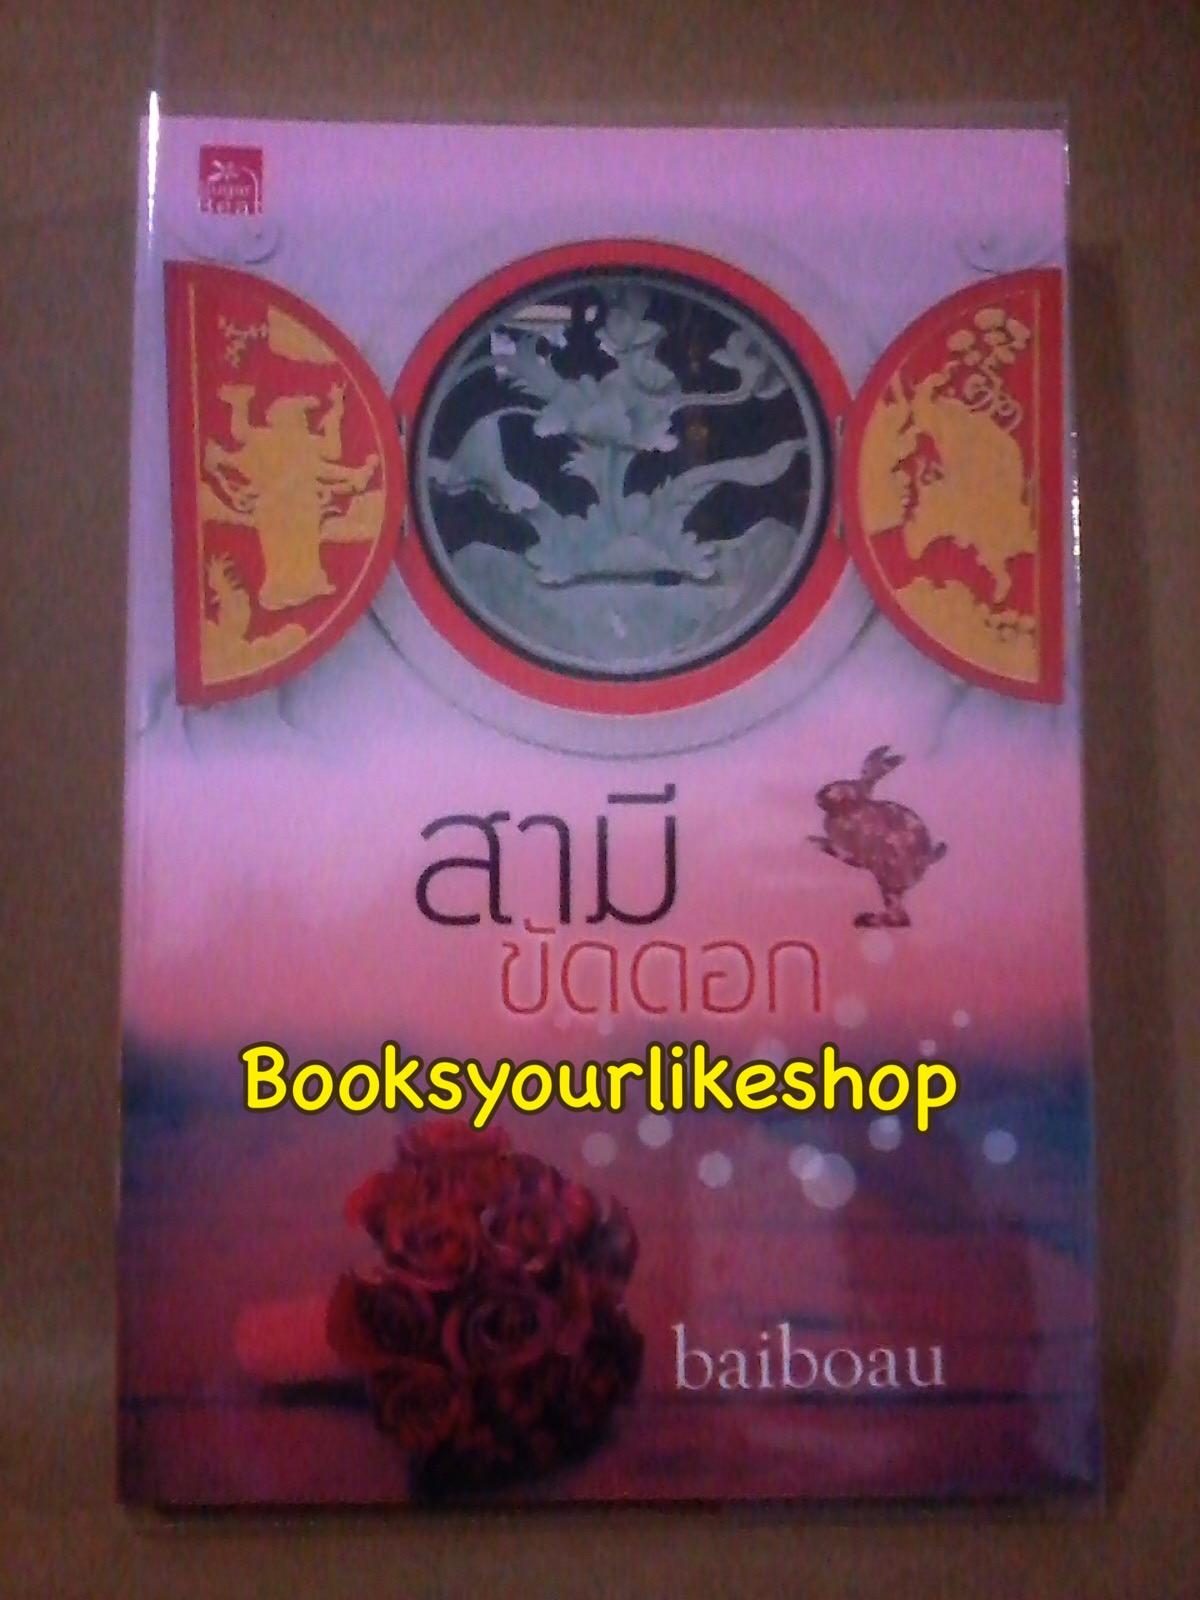 สามีขัดดอก / baiboau,ใบบัว หนังสือใหม่***สนุกคะ***